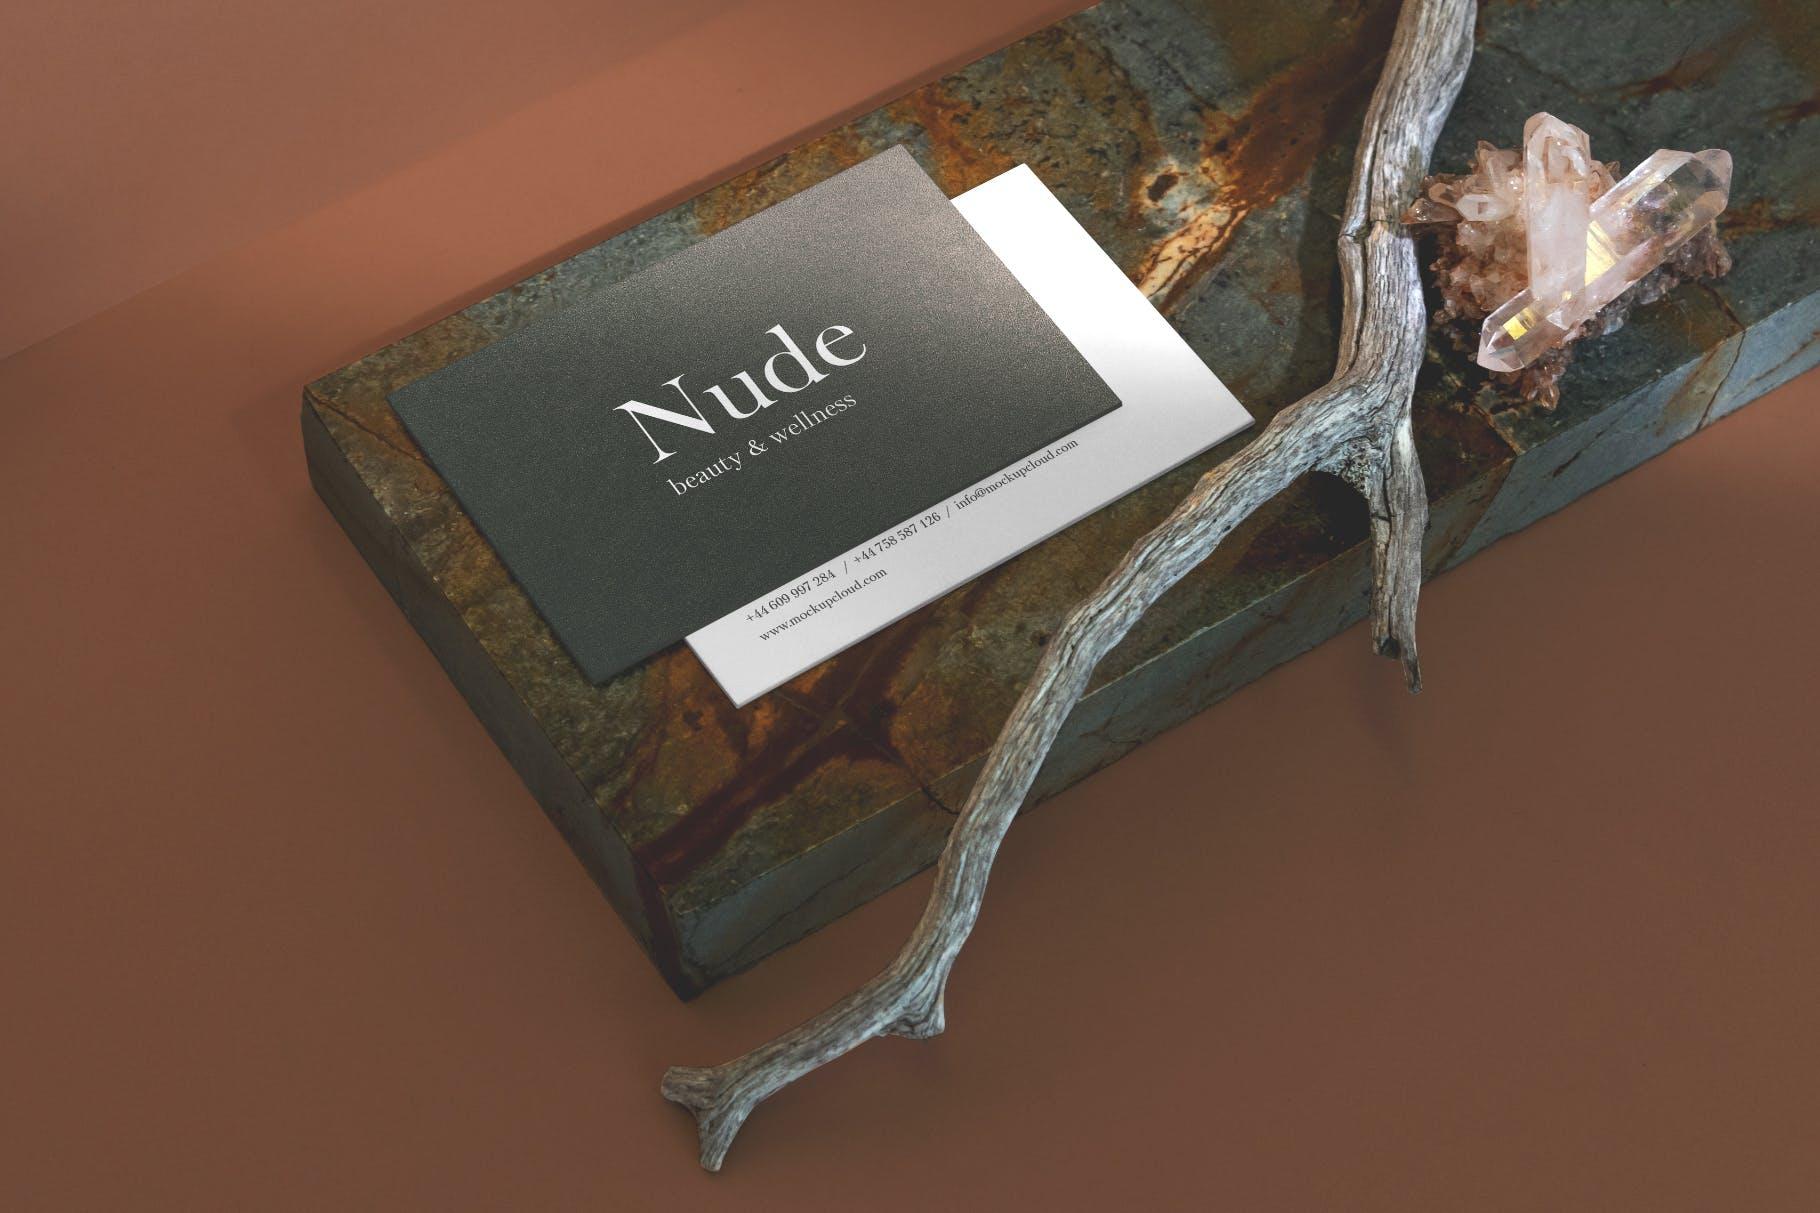 超级品牌VI视觉设计展示效果图样机模板 Nude Branding Mockup-变色鱼